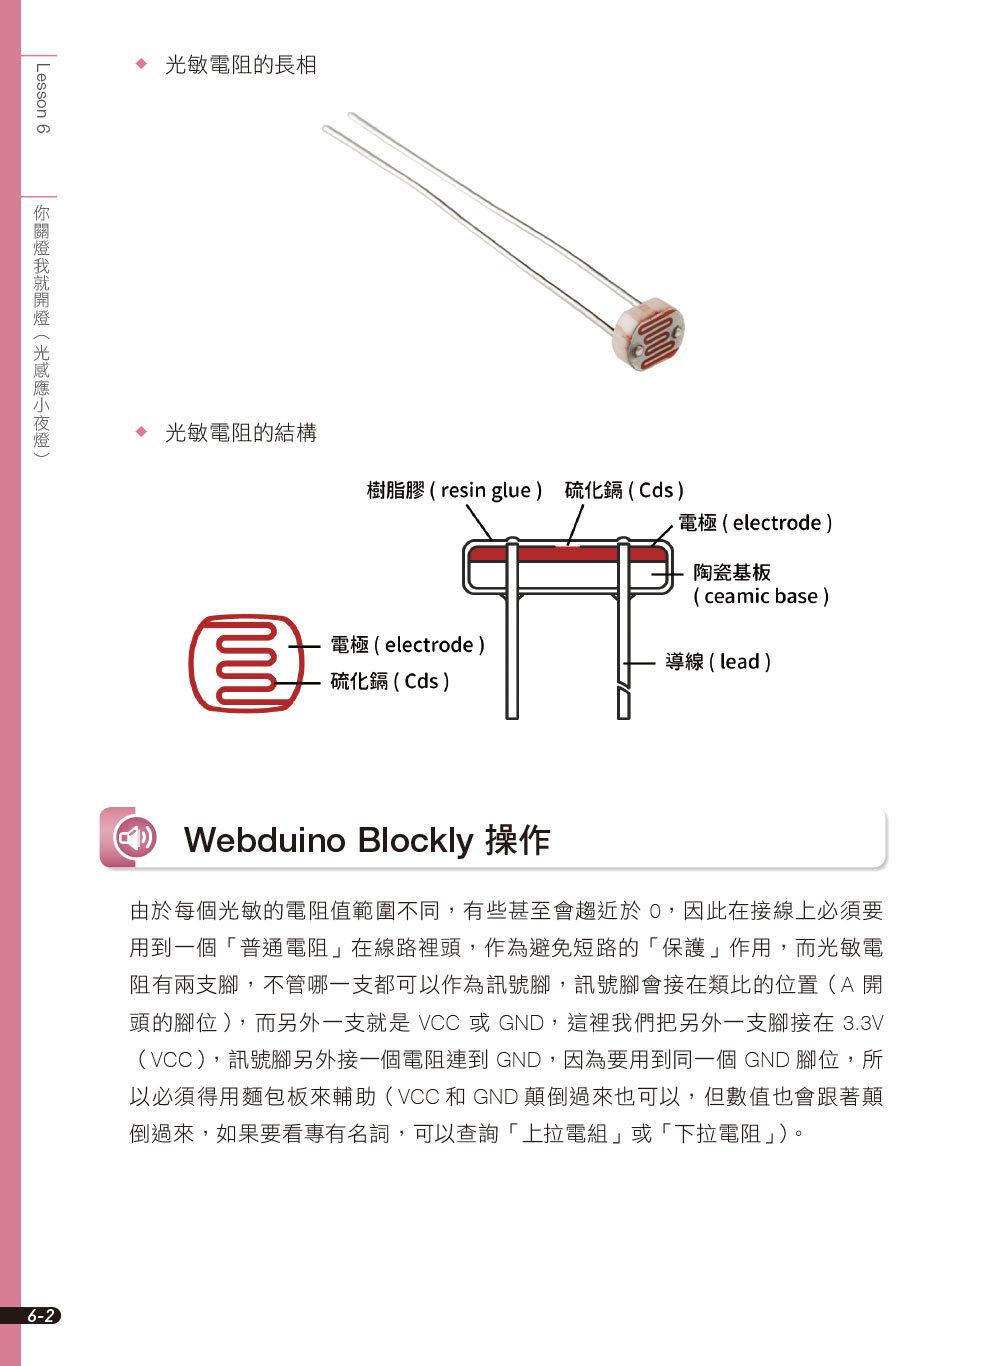 實戰家電物聯網|Webduino 智慧插座 x Node.js x 雲端服務整合-preview-5